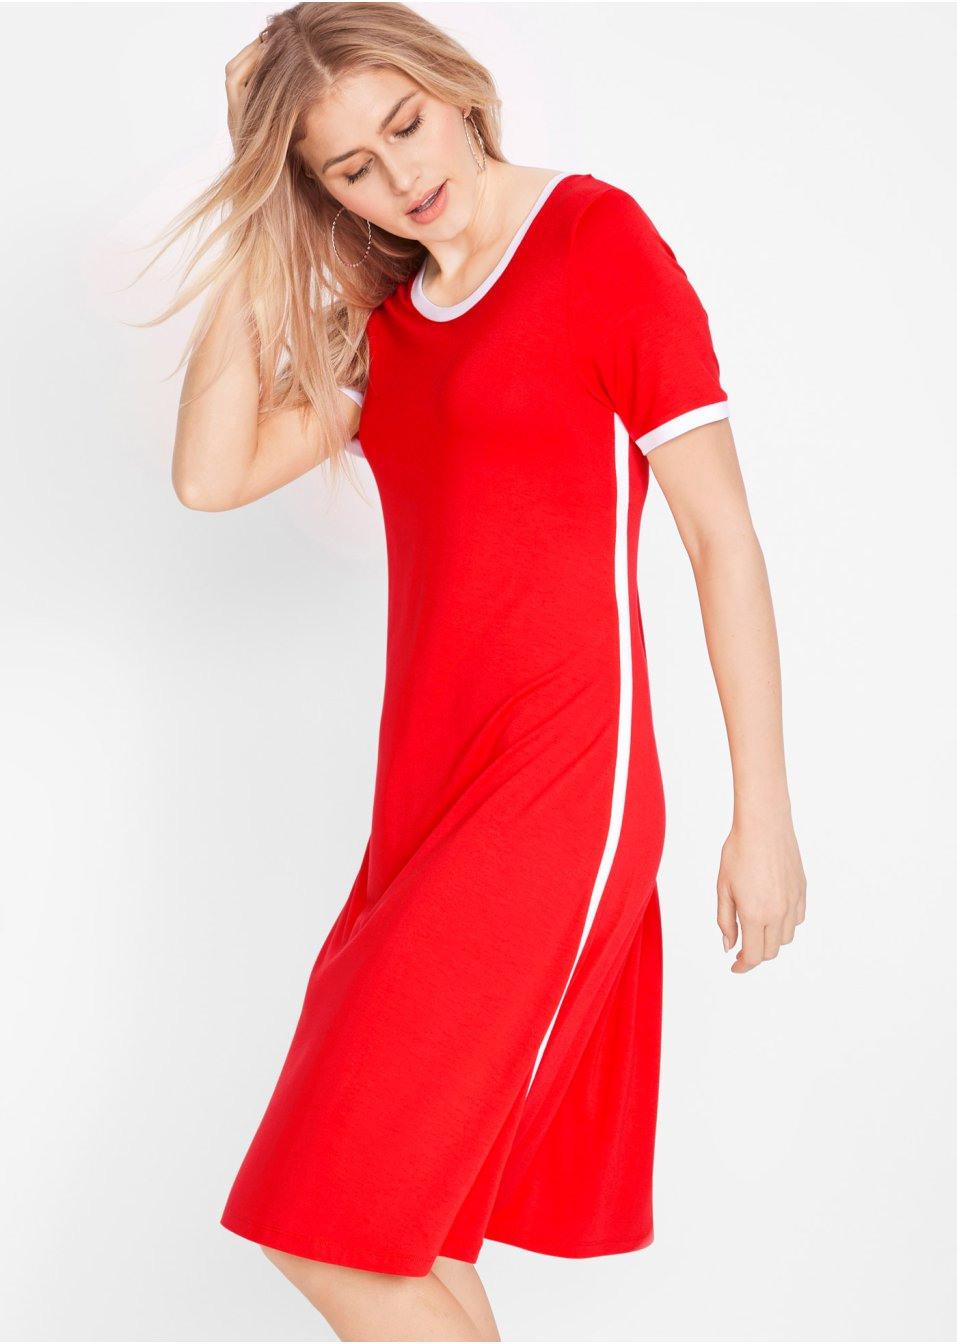 Kaschierendes Kleid In A Form Mit 1/2 Arm  Designt Von